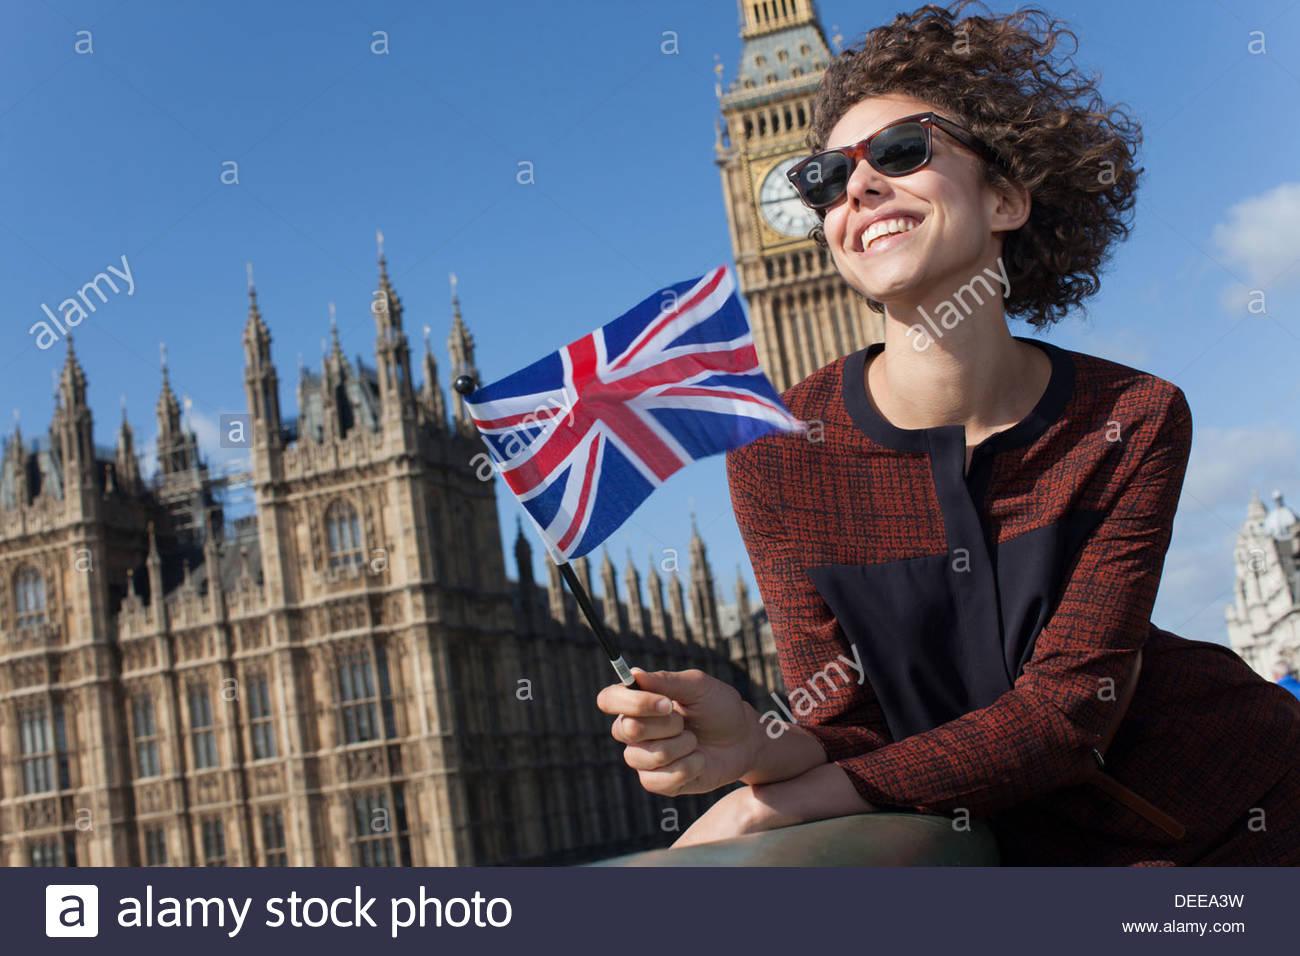 Portrait of smiling woman avec drapeau britannique en face de Big Ben horloge Photo Stock